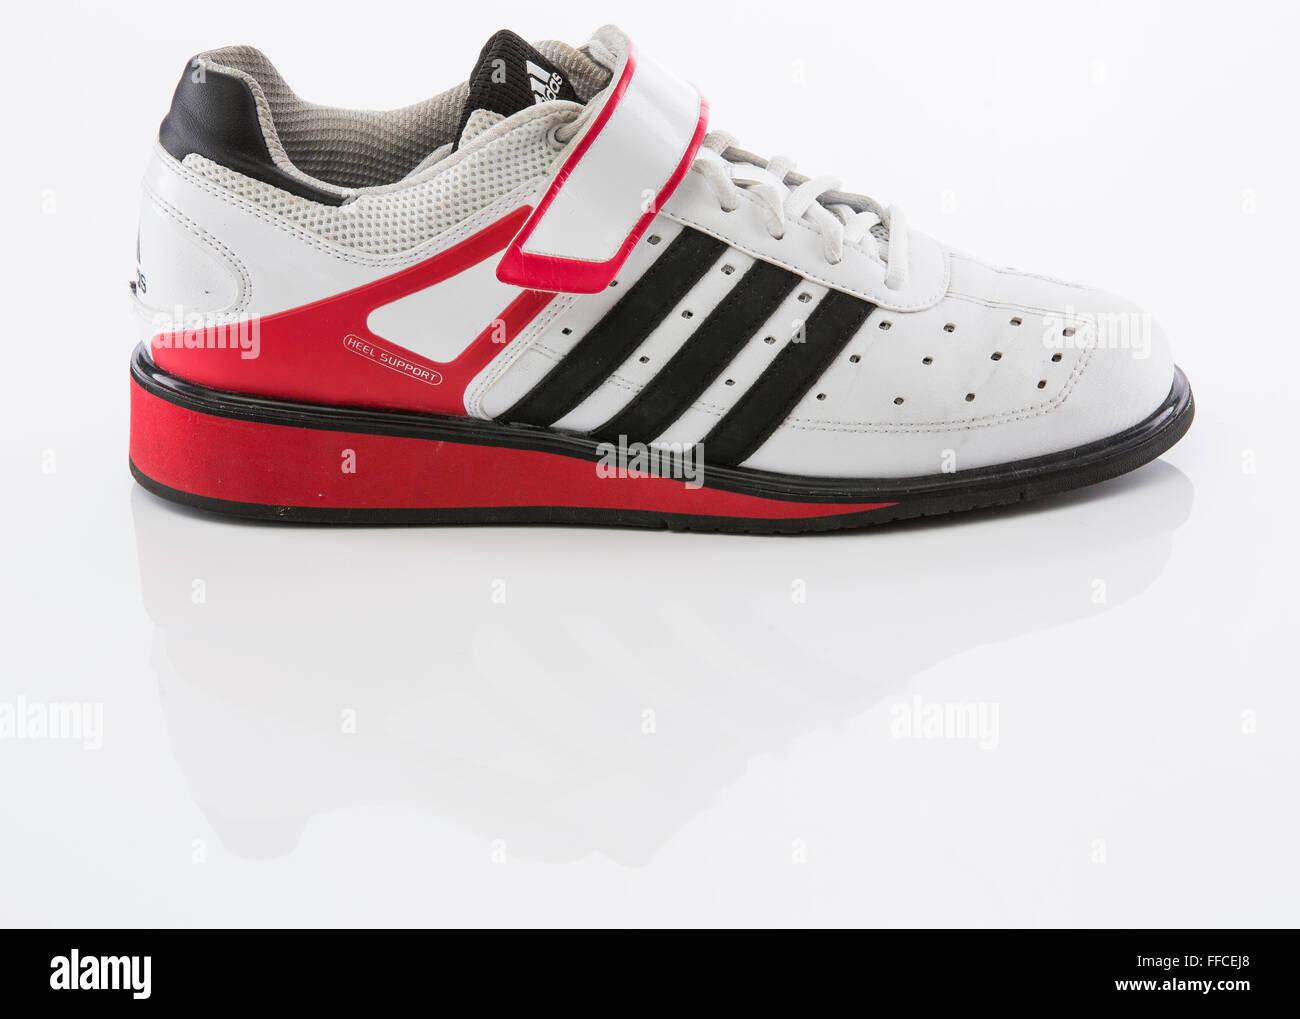 Haltérophilie Blanc Chaussures Fond Sur Reflet Un Adidas Avec TlFJK1c